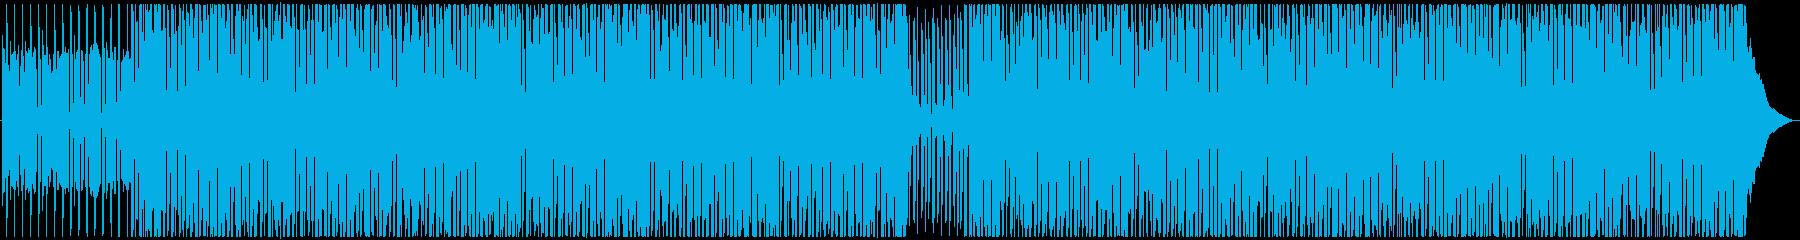 ウキウキ気分☆ノリの良いポップロックの再生済みの波形